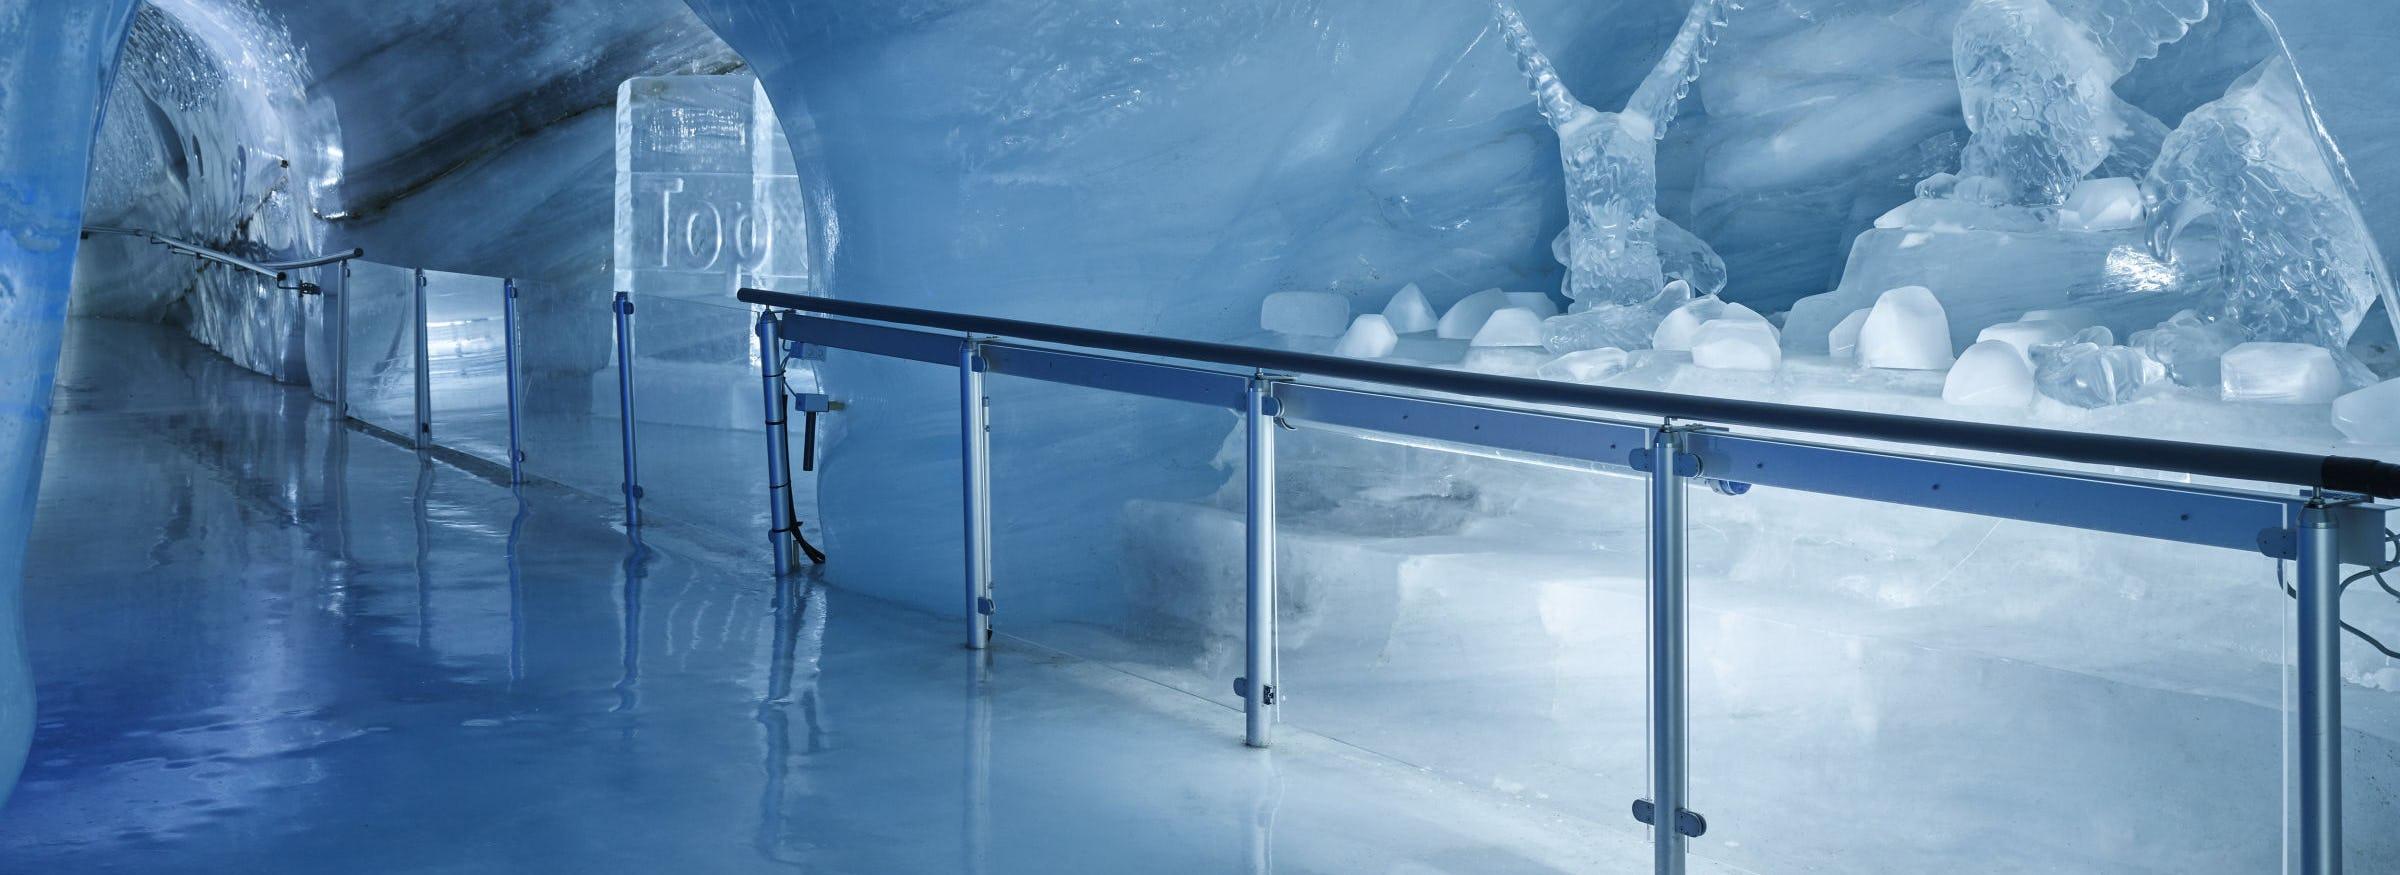 Eispalastjungfraujoch breitformat orig